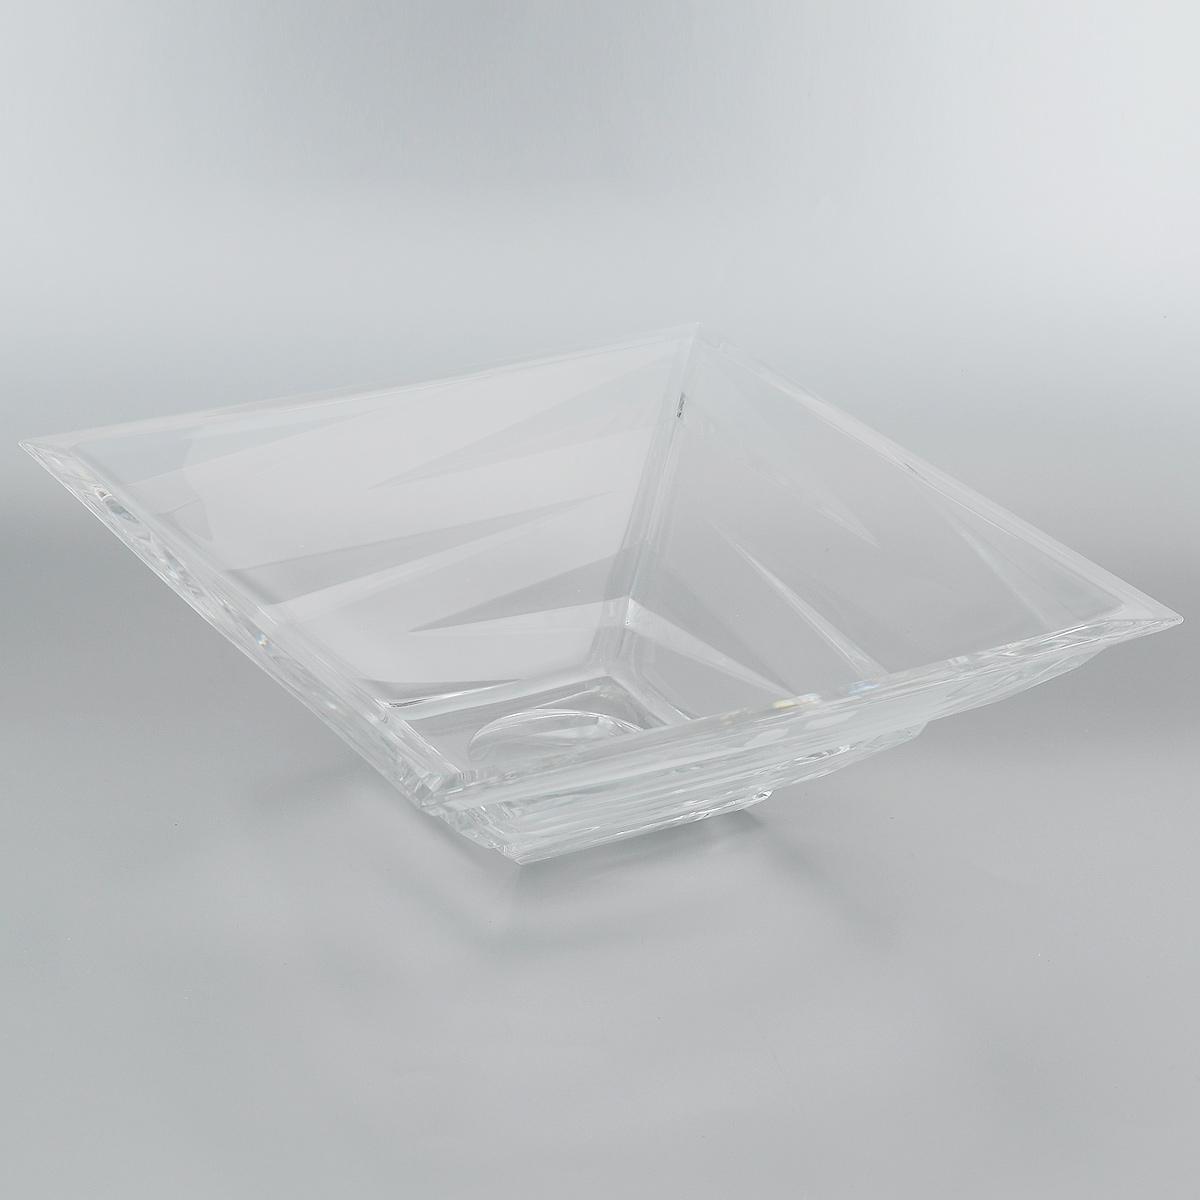 Салатник Crystal Bohemia, 28,5 х 28,5 х 9,5 см920/61234/0/59418/290-109Салатник Crystal Bohemia выполнен из прочного высококачественного хрусталя квадратной формы и декорирован рельефом. Он излучает приятный блеск и издает мелодичный звон. Салатник сочетает в себе изысканный дизайн с максимальной функциональностью. Он прекрасно впишется в интерьер вашей кухни и станет достойным дополнением к кухонному инвентарю. Салатник не только украсит ваш кухонный стол и подчеркнет прекрасный вкус хозяйки, но и станет отличным подарком.